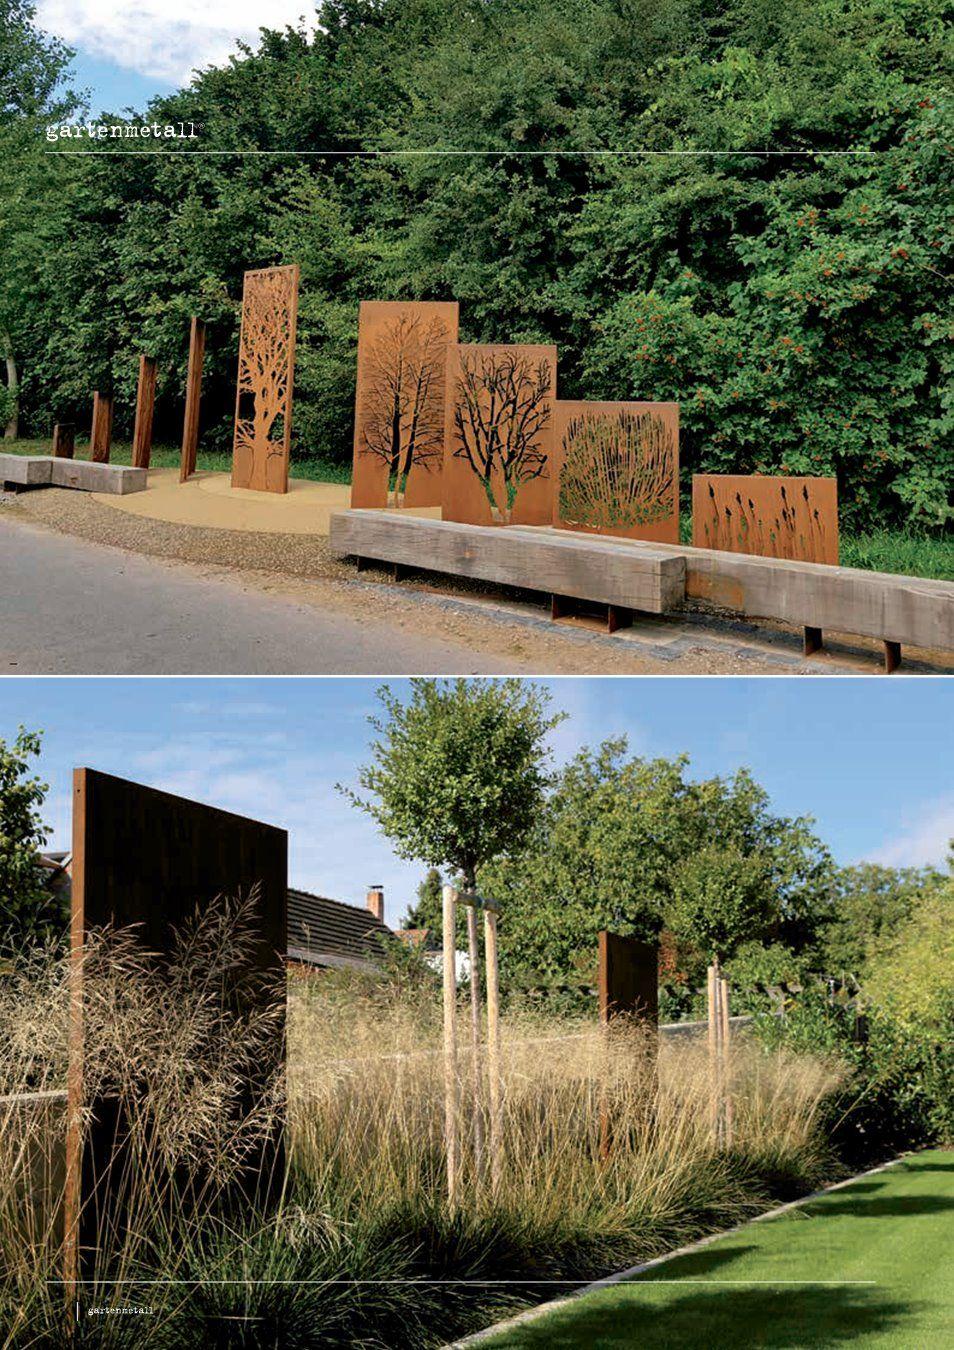 Gartenmetall Preisliste Gartengestaltung Landschaftspflege Sichtschutzwand Garten